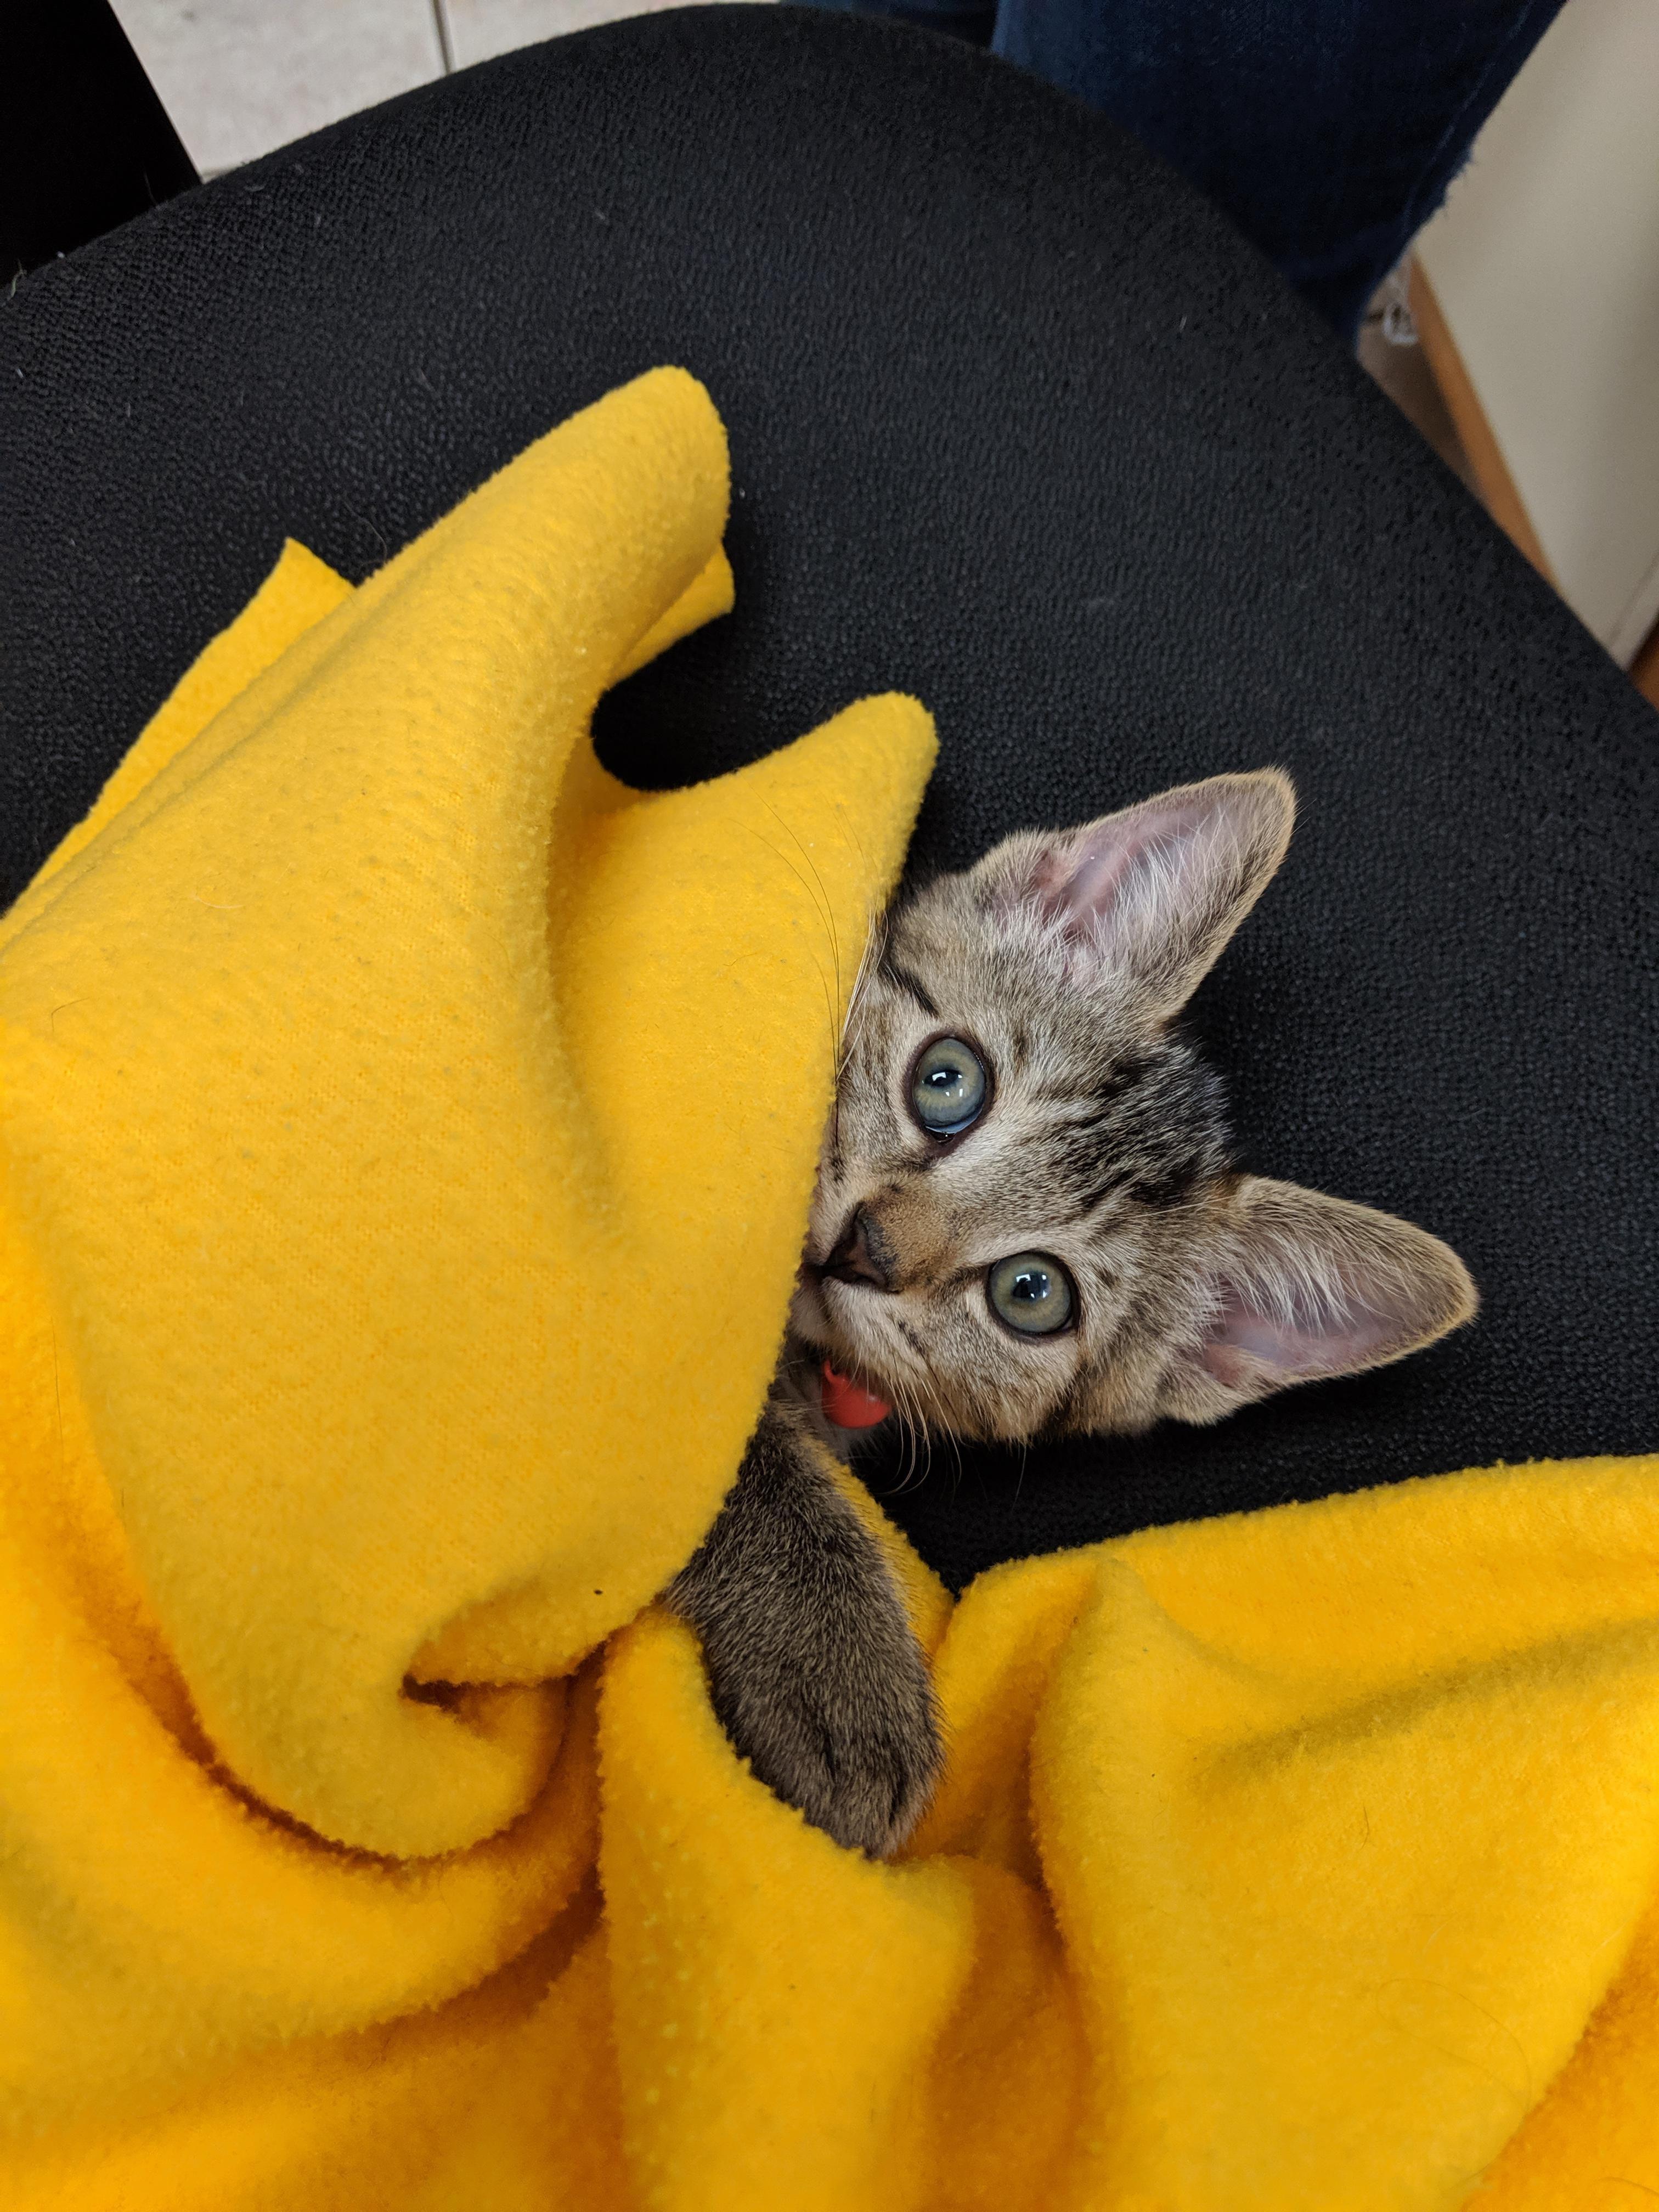 Best coworker ever https//ift.tt/2Nrt84n Cat pictures